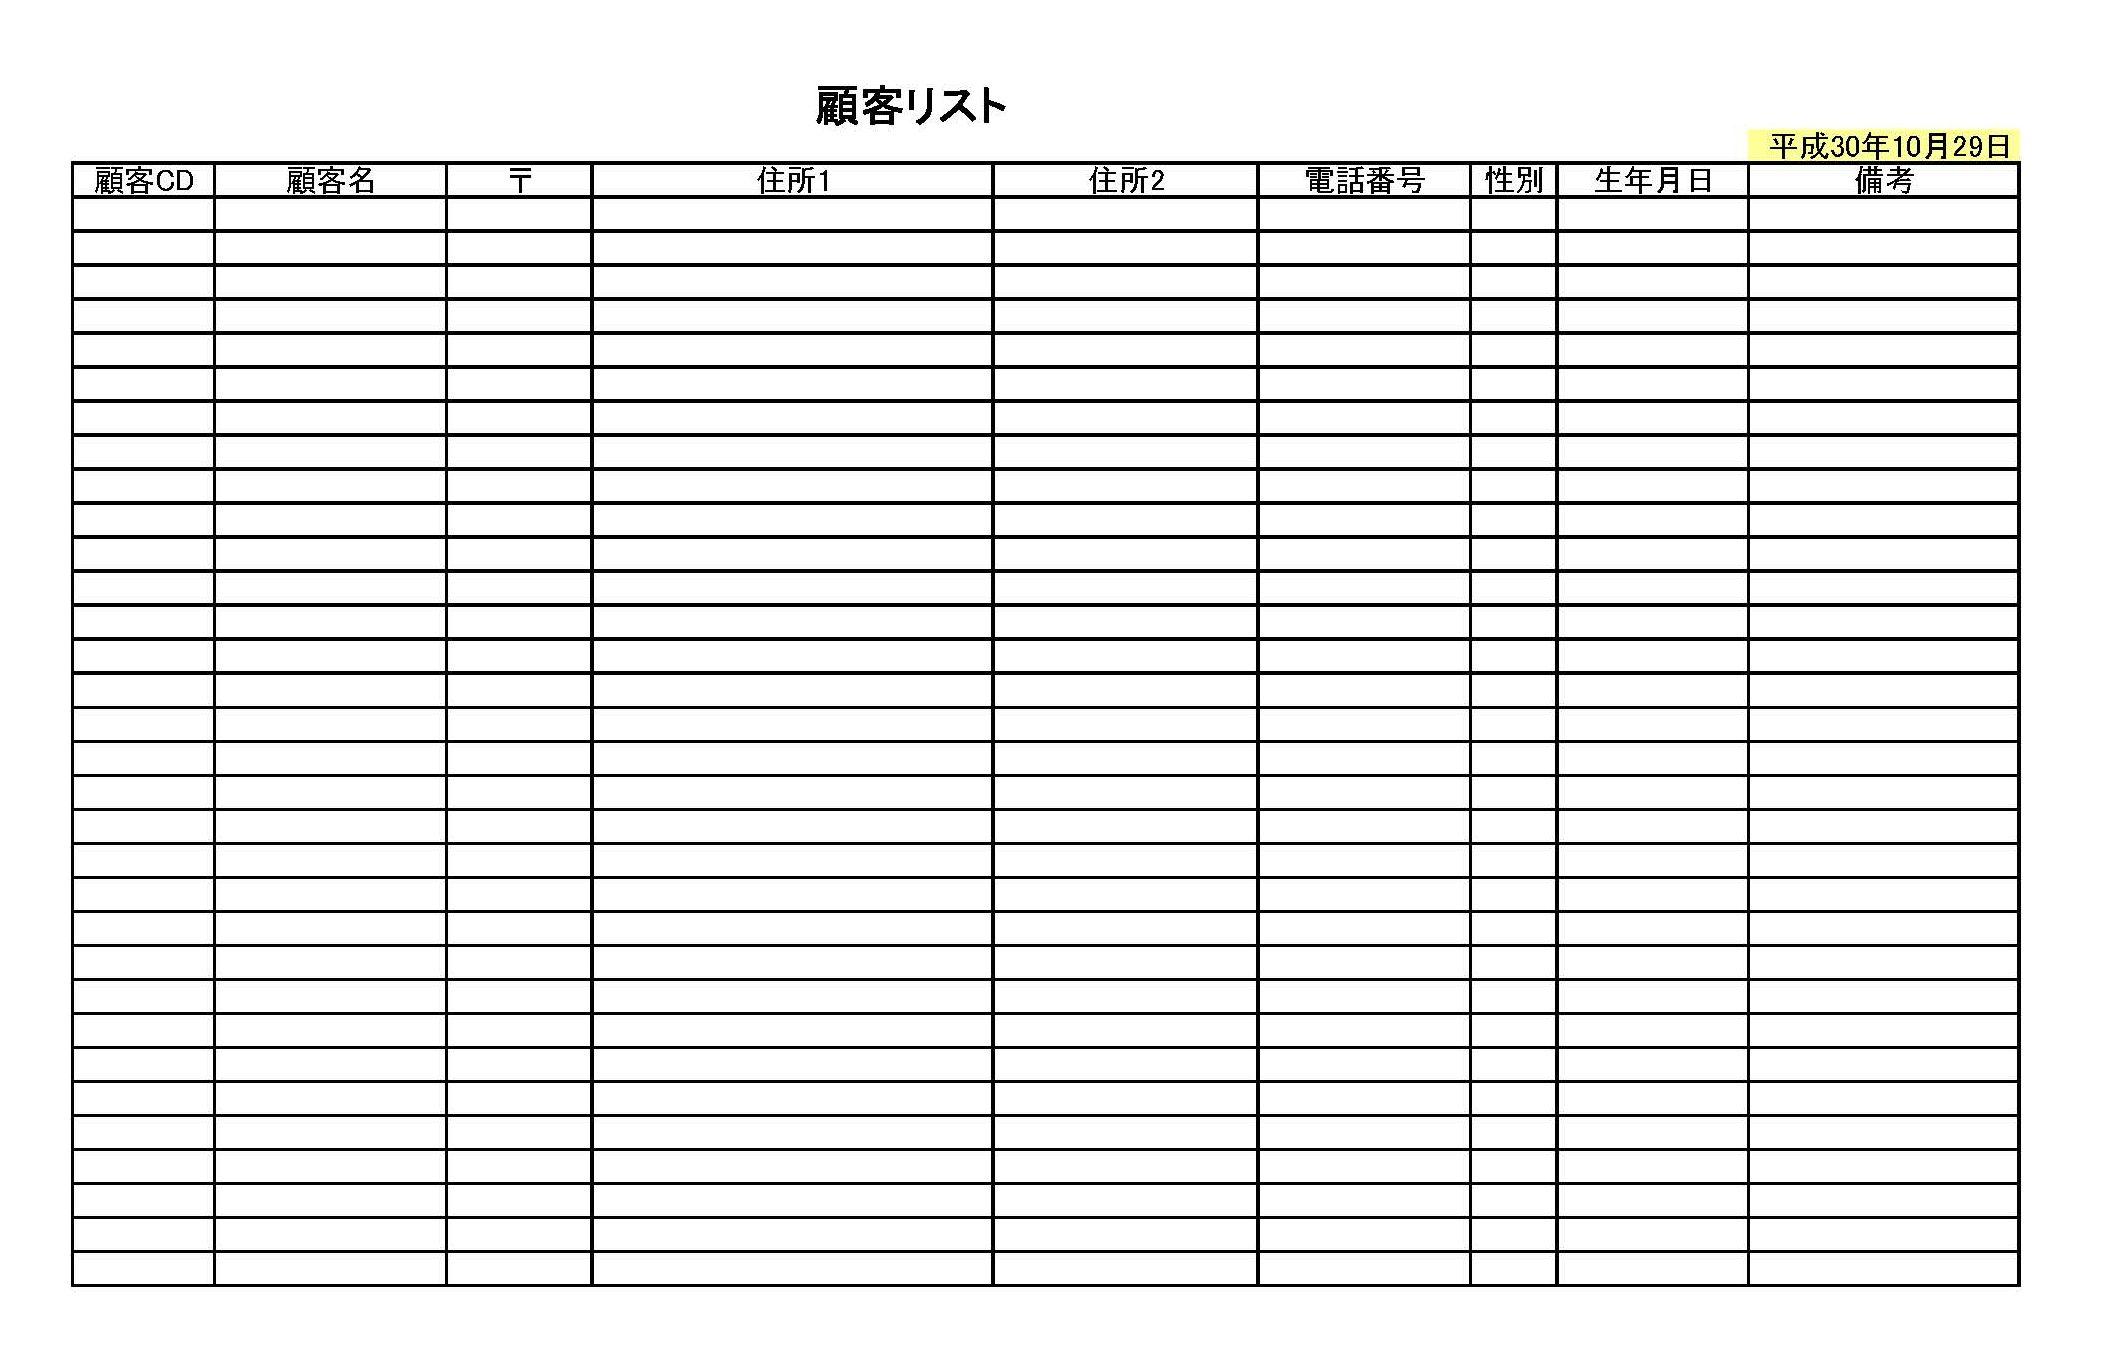 顧客リスト02